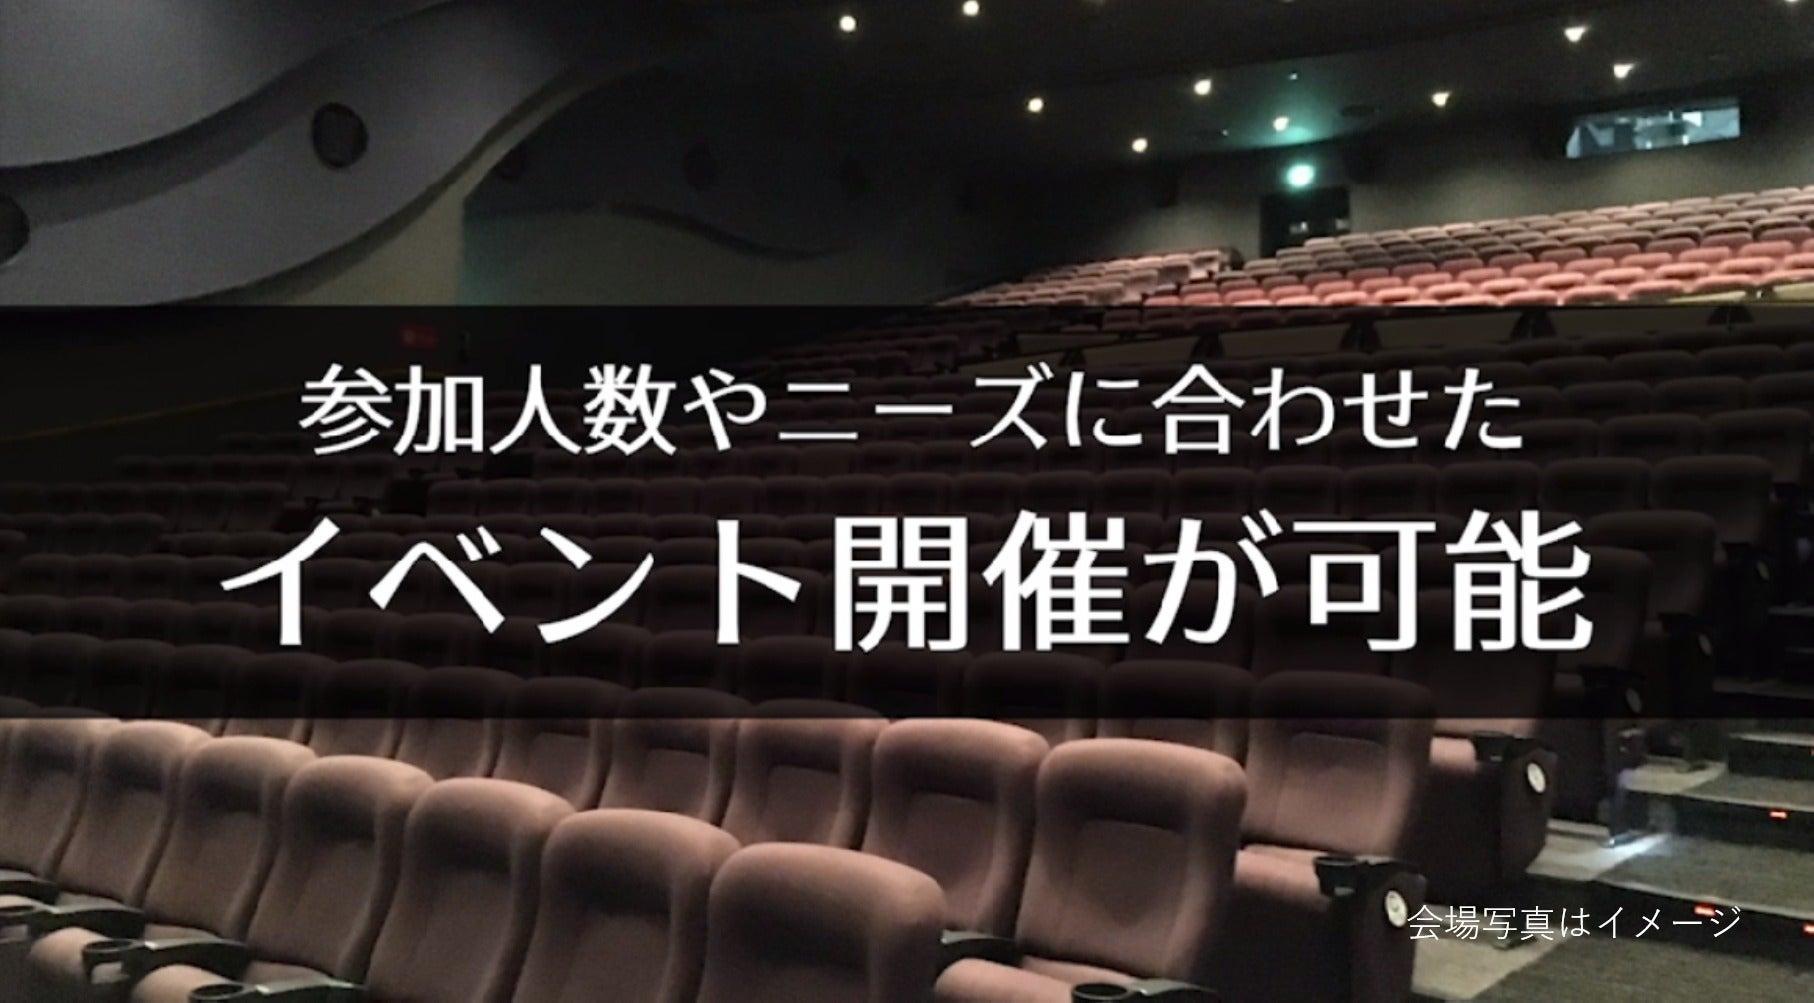 【なかま 100席】映画館で、会社説明会、株主総会、講演会の企画はいかがですか?(ユナイテッド・シネマなかま16) の写真0